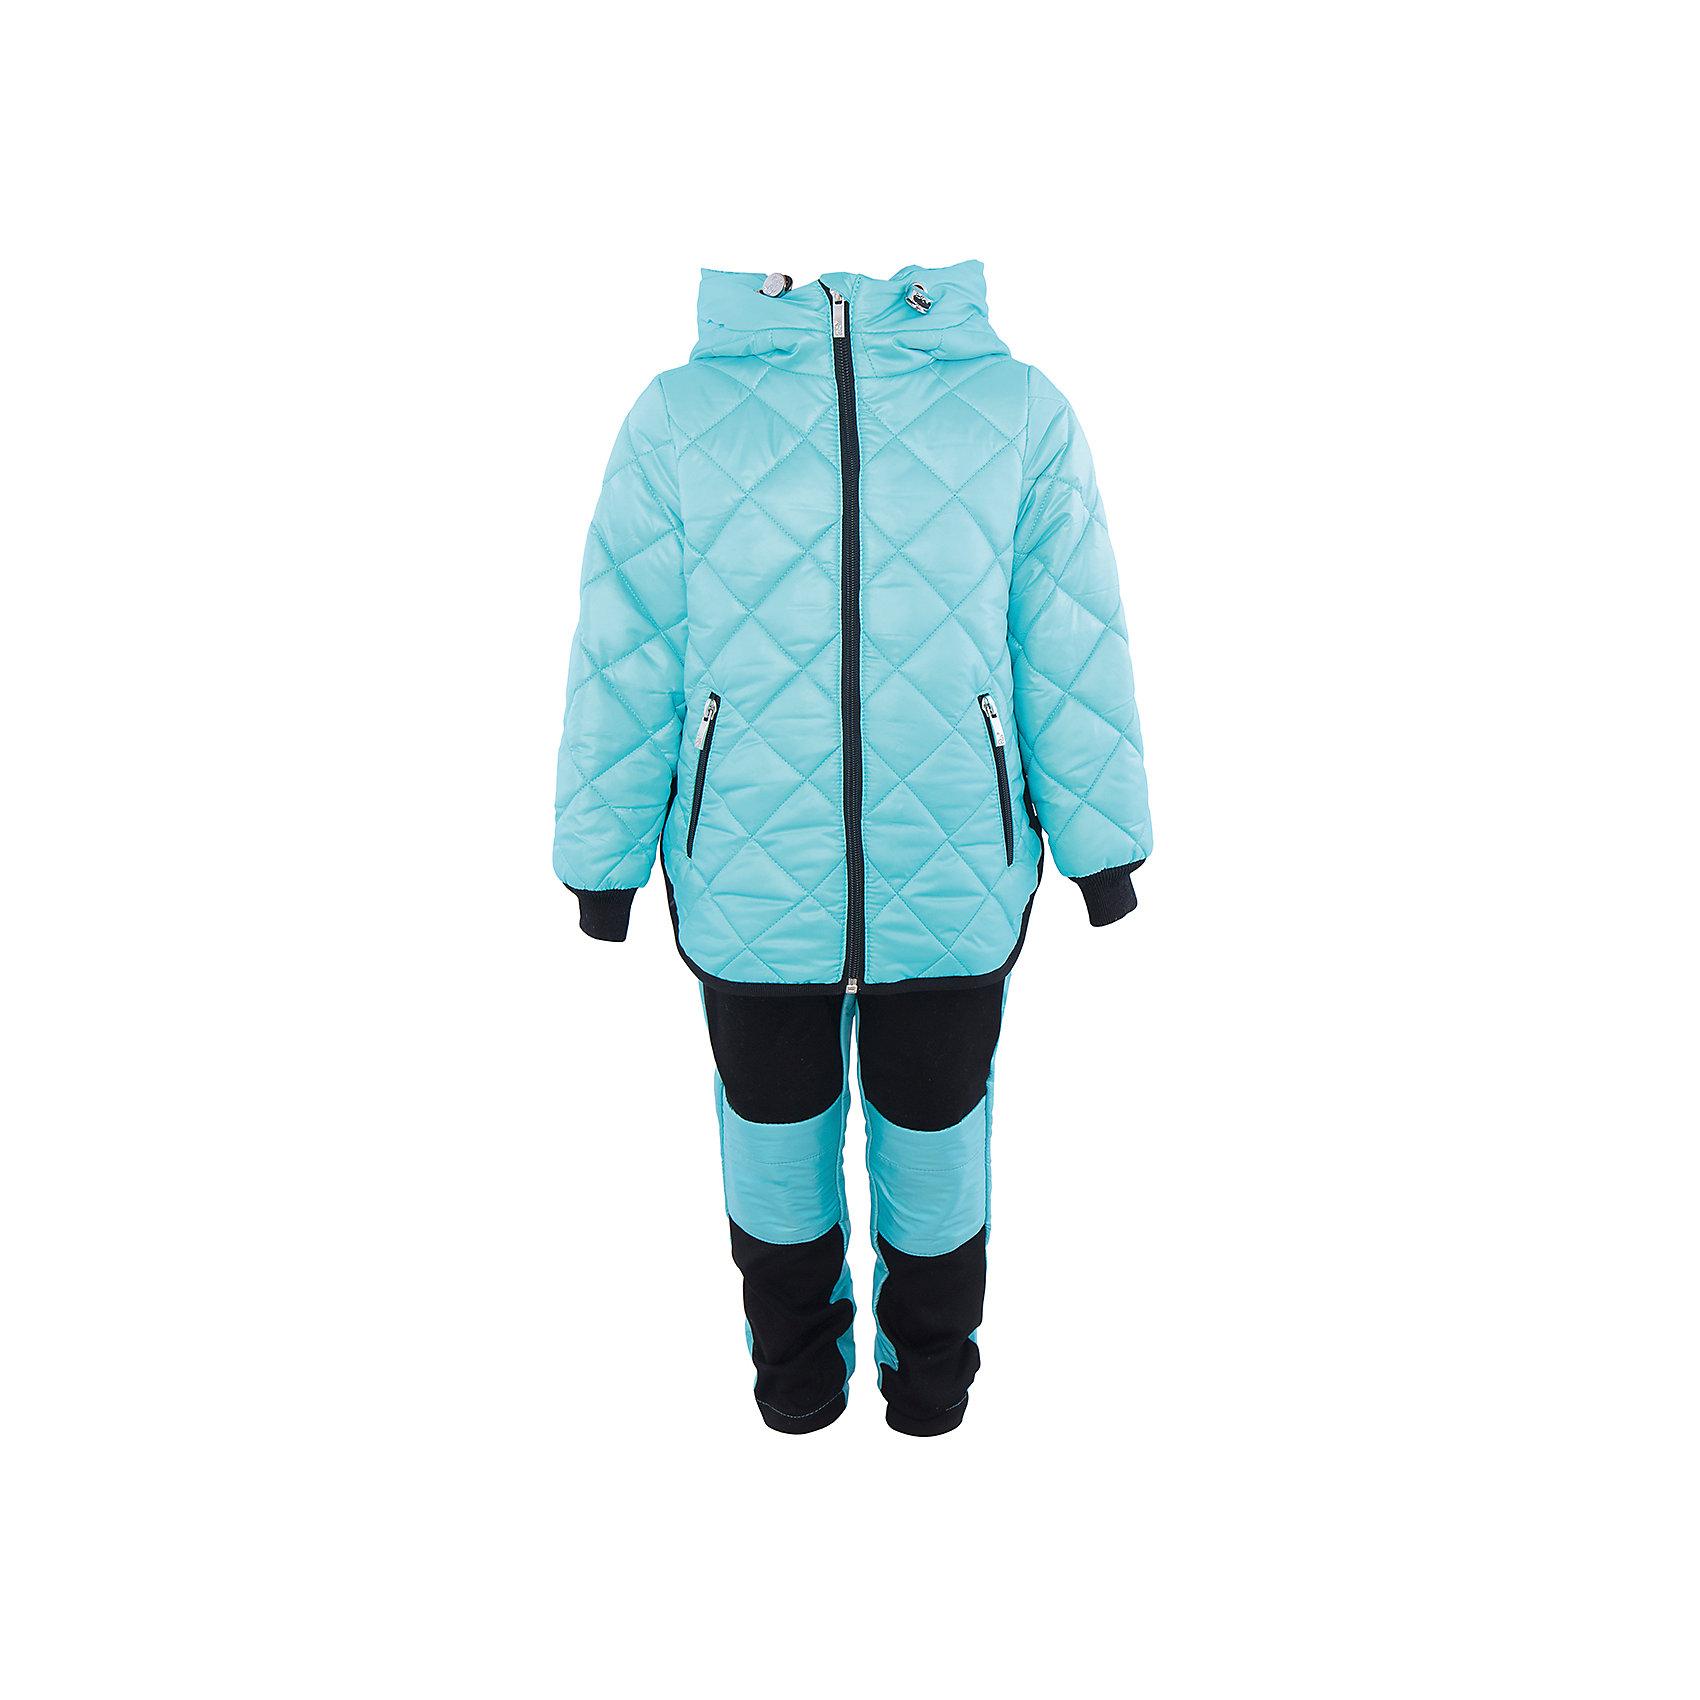 Комплект для девочки BOOM by OrbyХарактеристики товара:<br><br>• цвет: голубой/черный<br>• состав: 100% полиэстер<br>• курточка: верх - таффета, подкладка - поликоттон, полиэстер, утеплитель: Flexy Fiber 150 г/м2<br>• брюки: верх - костюмный трикотаж с начесом, подкладка - флис<br>• комплектация: куртка, брюки<br>• температурный режим: от -5 С° до +10 С° <br>• капюшон (не отстегивается)<br>• карманы на молнии<br>• застежка - молния<br>• убирающаяся корона на капюшоне<br>• накладки на коленях<br>• куртка декорирована вышивкой<br>• эластичные манжеты<br>• комфортная посадка<br>• страна производства: Российская Федерация<br>• страна бренда: Российская Федерация<br>• коллекция: весна-лето 2017<br><br>Такой комплект - универсальный вариант для межсезонья с постоянно меняющейся погодой. Эта модель - модная и удобная одновременно! Изделие отличается стильным ярким дизайном. Куртка и брюки хорошо сидят по фигуре, отлично сочетается с различной обувью. Модель была разработана специально для детей.<br><br>Одежда от российского бренда BOOM by Orby уже завоевала популярностью у многих детей и их родителей. Вещи, выпускаемые компанией, качественные, продуманные и очень удобные. Для производства коллекций используются только безопасные для детей материалы. Спешите приобрести модели из новой коллекции Весна-лето 2017! <br><br>Комплект для девочки от бренда BOOM by Orby можно купить в нашем интернет-магазине.<br><br>Ширина мм: 356<br>Глубина мм: 10<br>Высота мм: 245<br>Вес г: 519<br>Цвет: голубой<br>Возраст от месяцев: 48<br>Возраст до месяцев: 60<br>Пол: Женский<br>Возраст: Детский<br>Размер: 104,86,92,98,110,116,122<br>SKU: 5343165